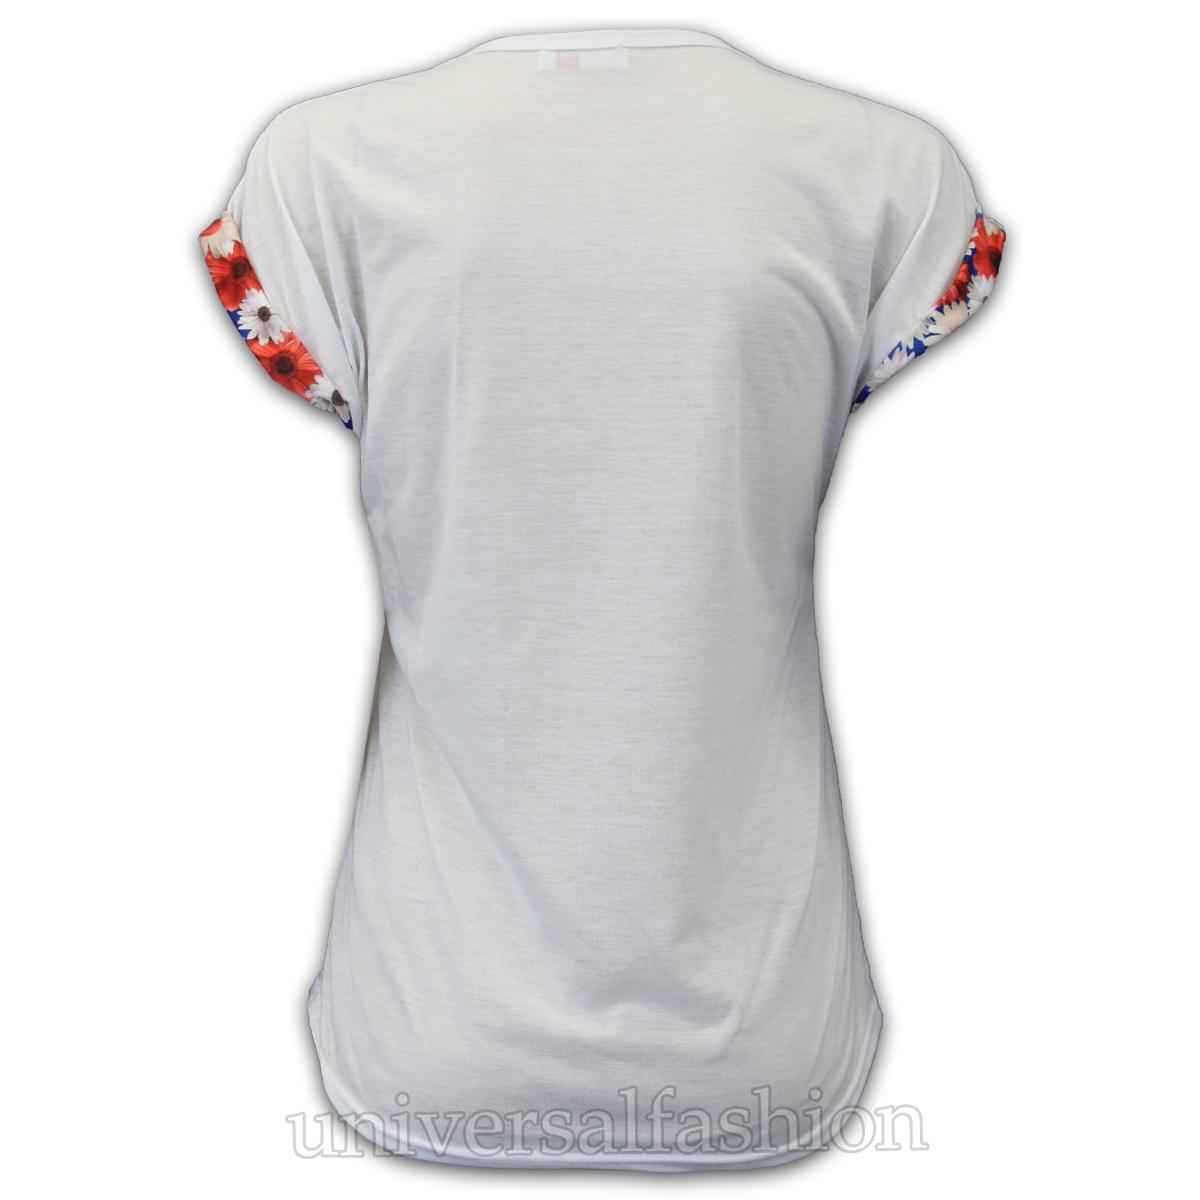 Girls Top Kids T Shirt Glitter New York Floral Print Cap Sleeve High Low Hem New